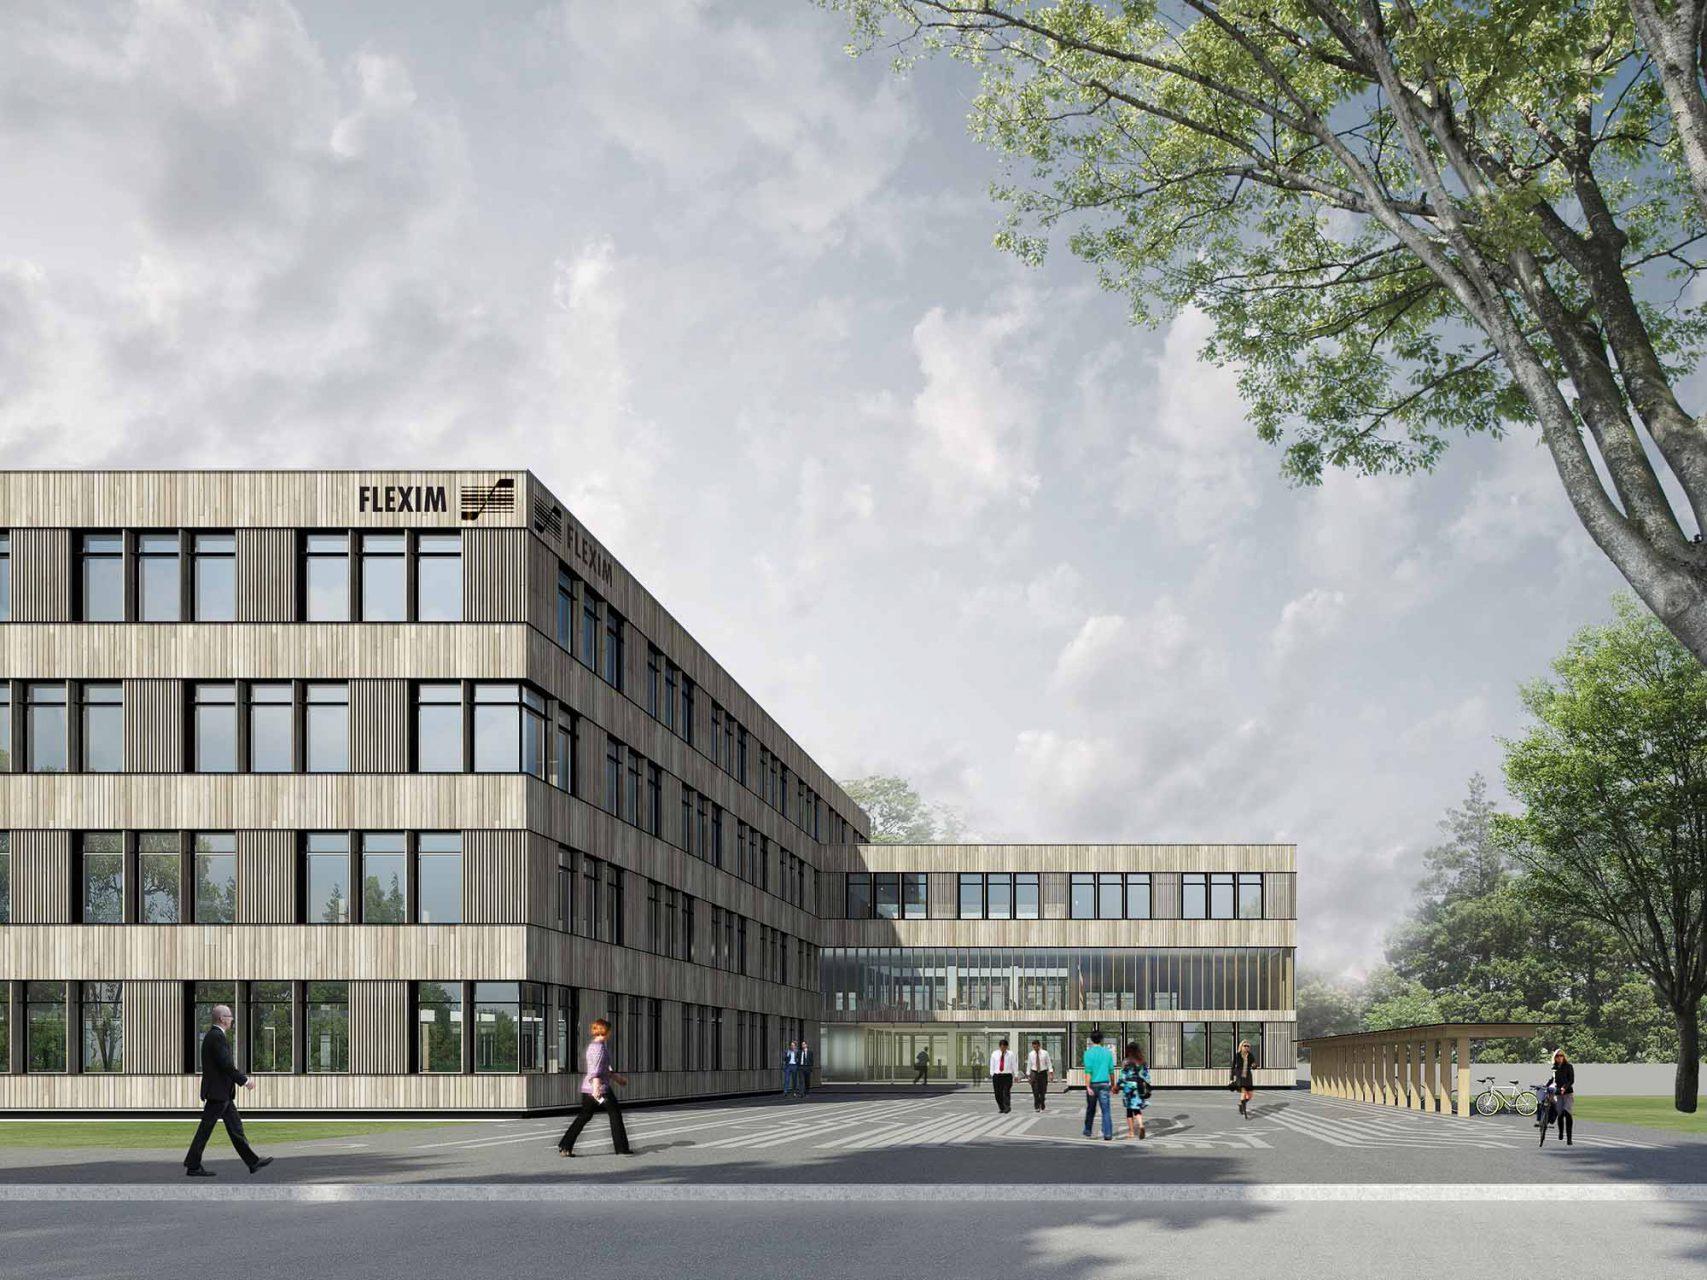 Neubau Firmengebäude Flexim, Berlin. Bauherr: Flexim GmbH, Fertigstellung Ende 2016